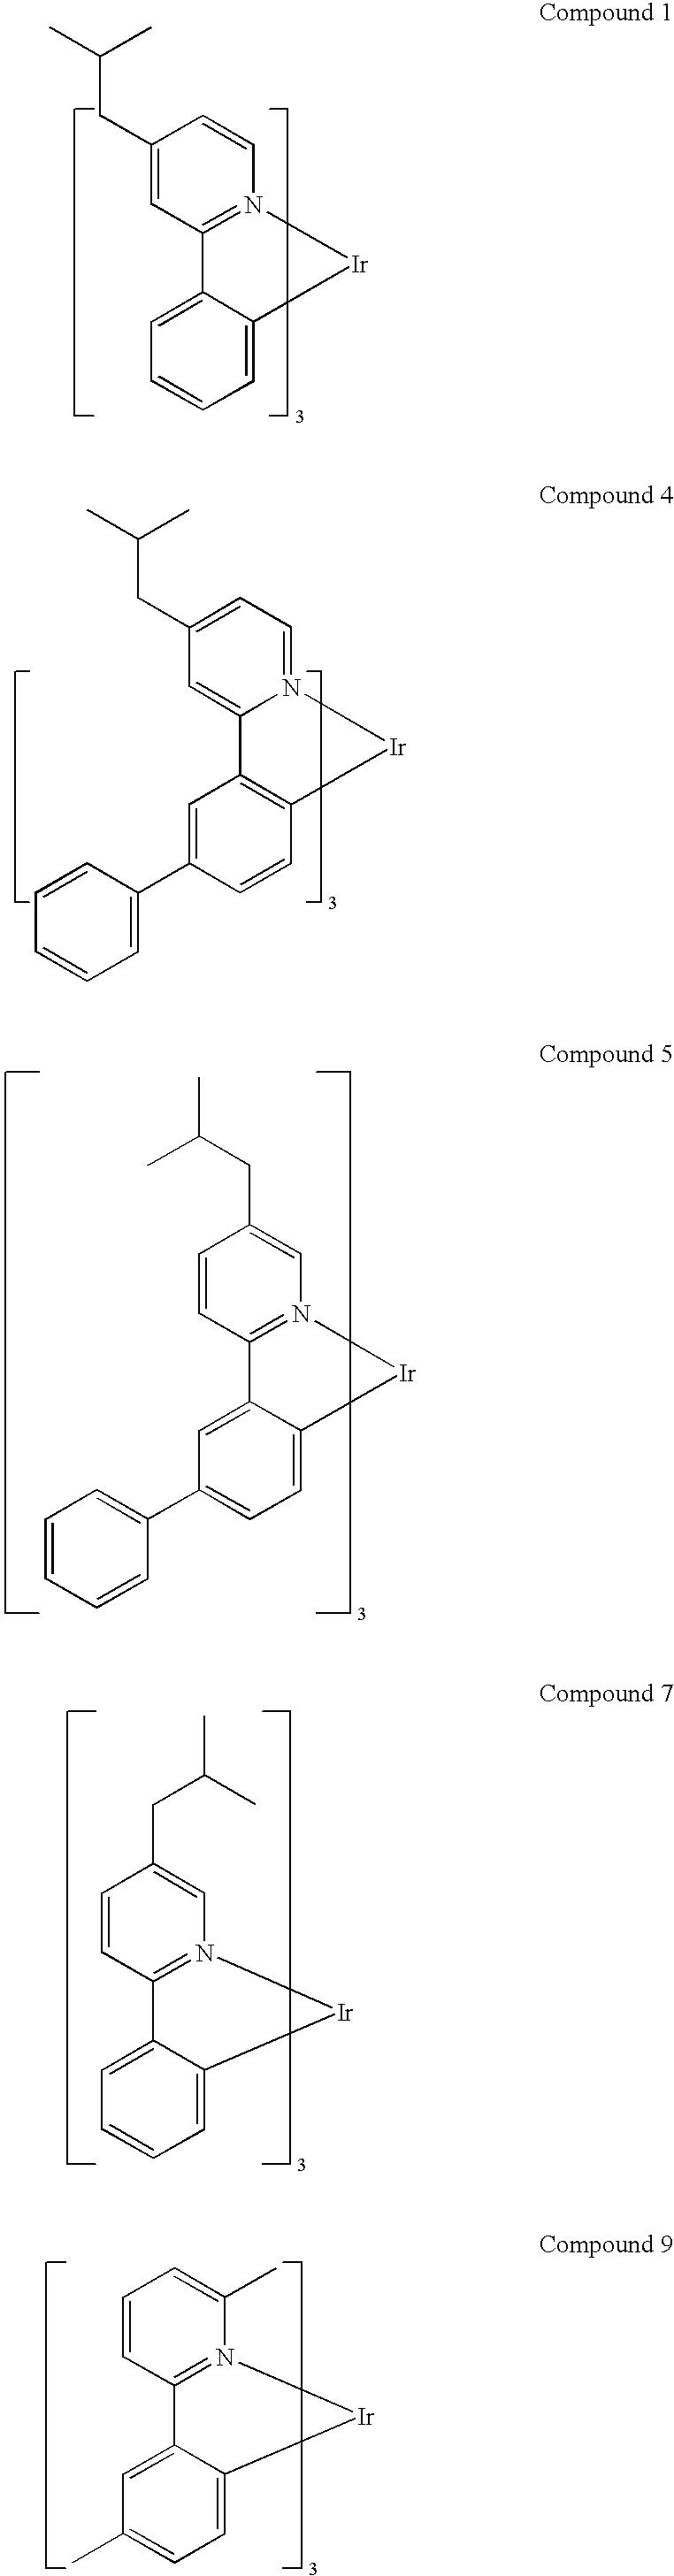 Figure US20090108737A1-20090430-C00030